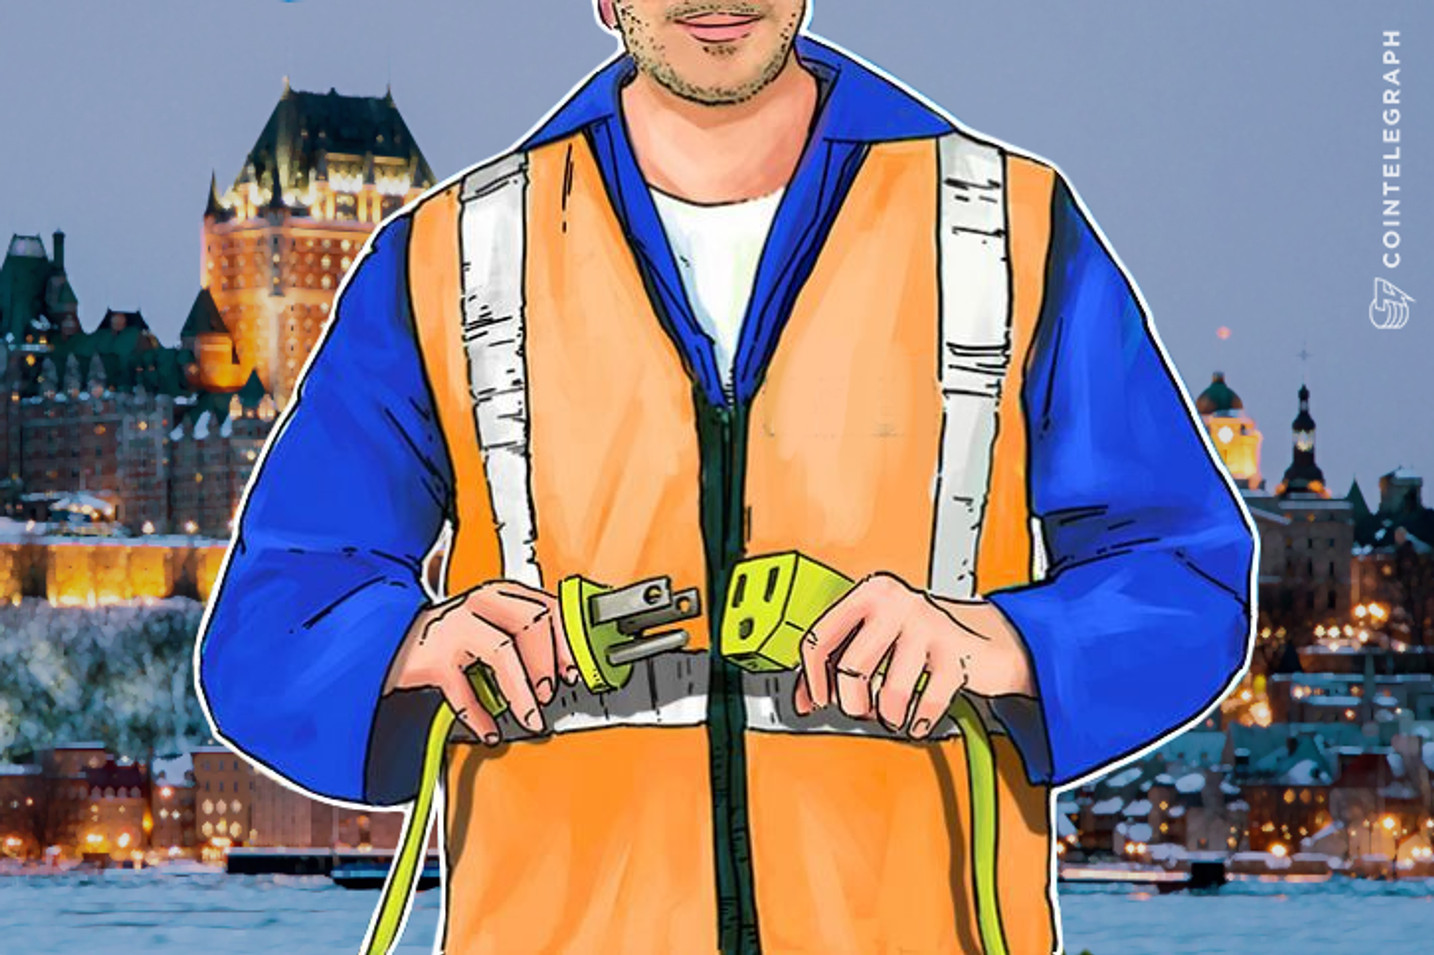 """Quebec: """"No estamos interesados"""" en minería de Bitcoin sin """"valor añadido"""""""